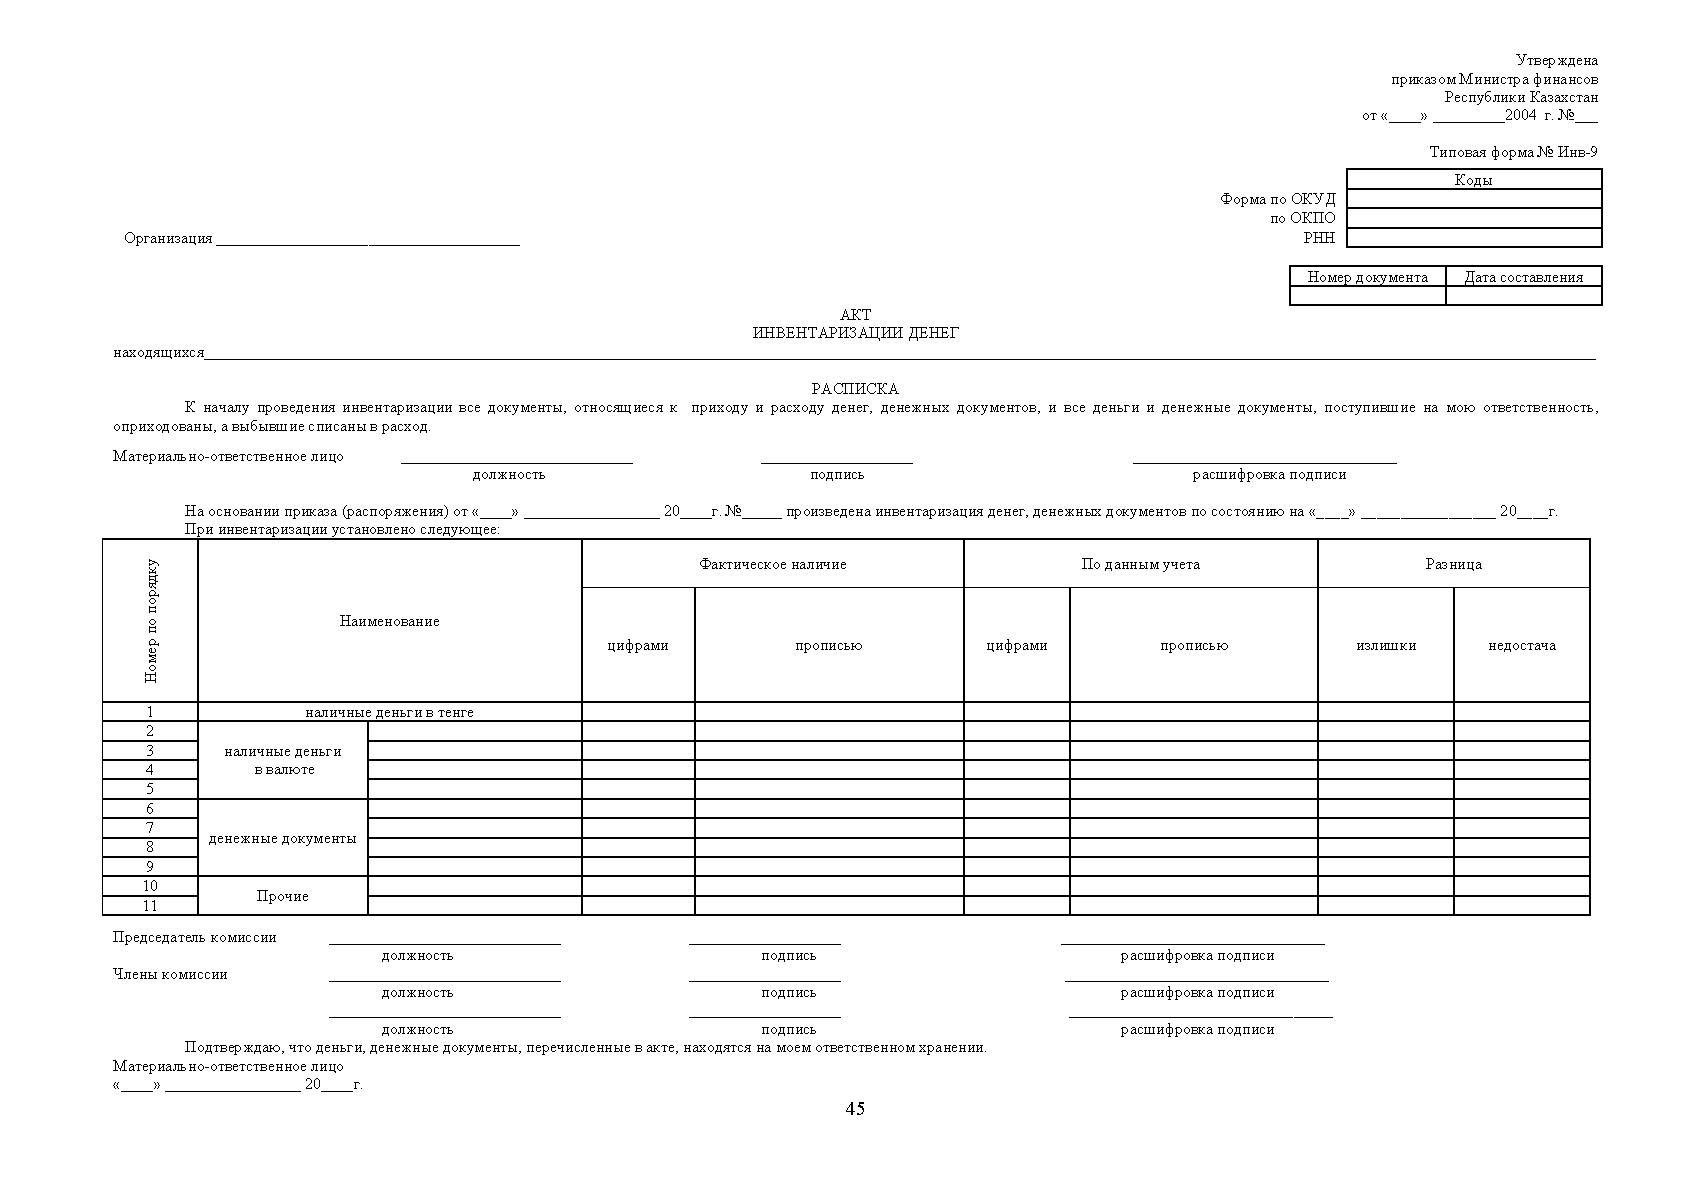 бланки первичных документов бух учета